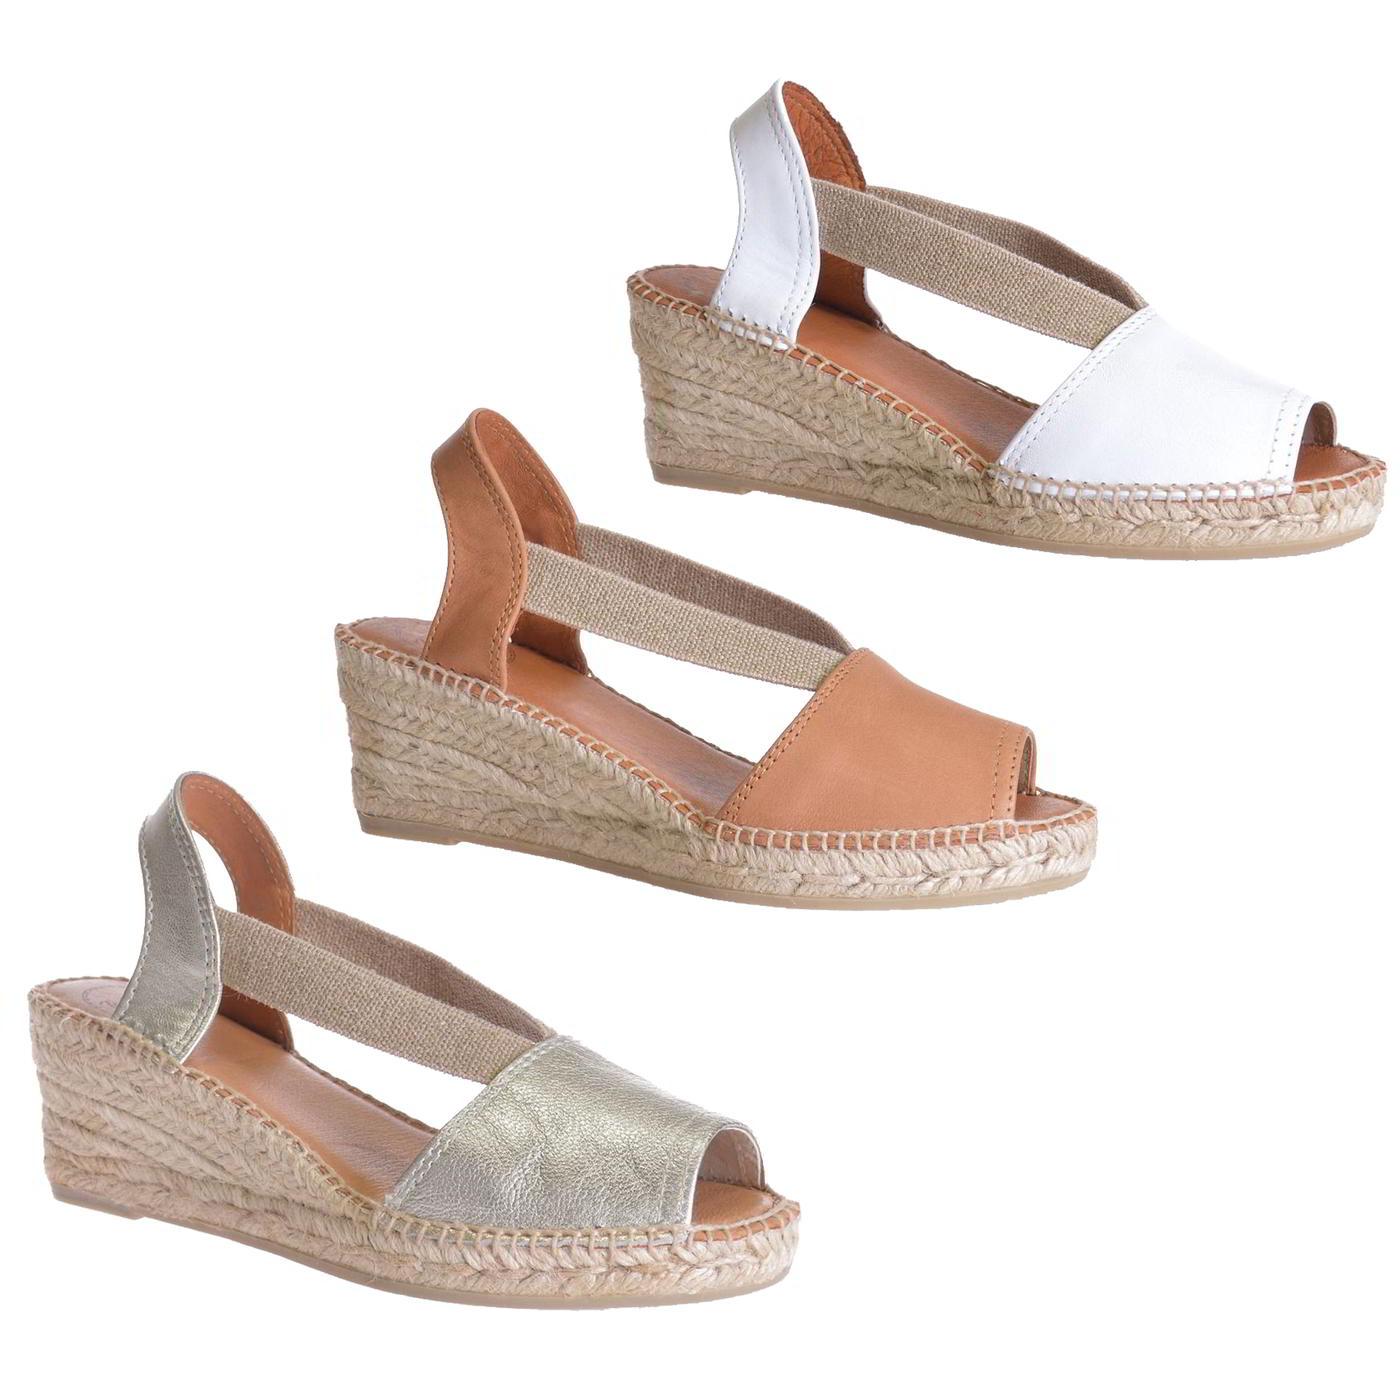 b52a586962892 Details about Toni Pons Teide Womens Ladies Platform Wedge Espadrilles  Shoes Sandals Size 4-8